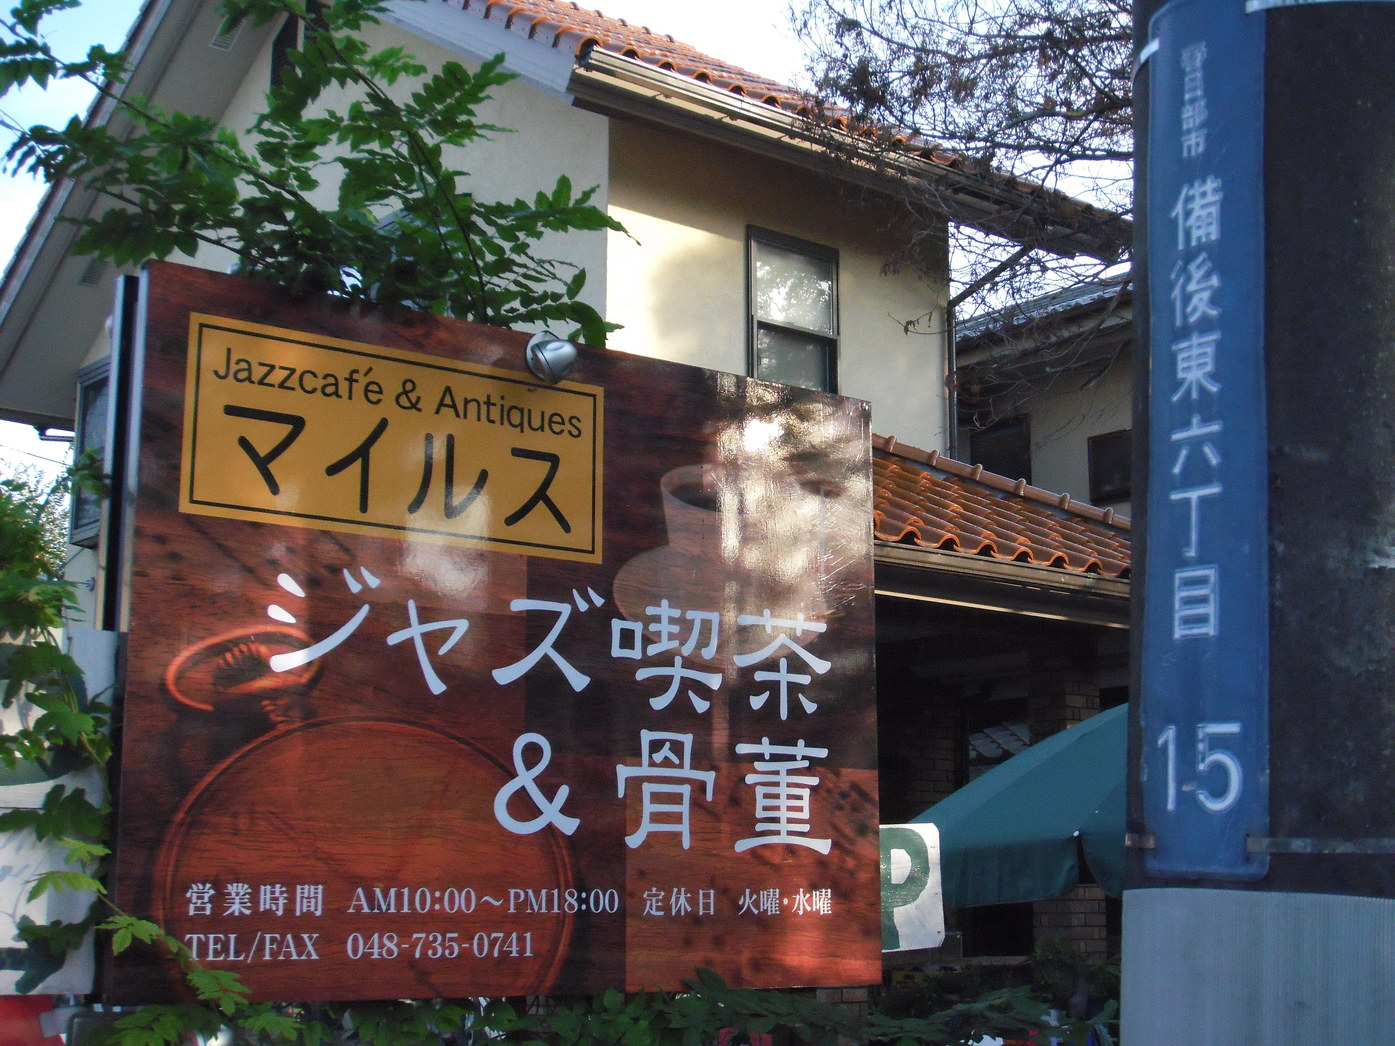 マイルスジャズカフェ&アンティーク喫茶店